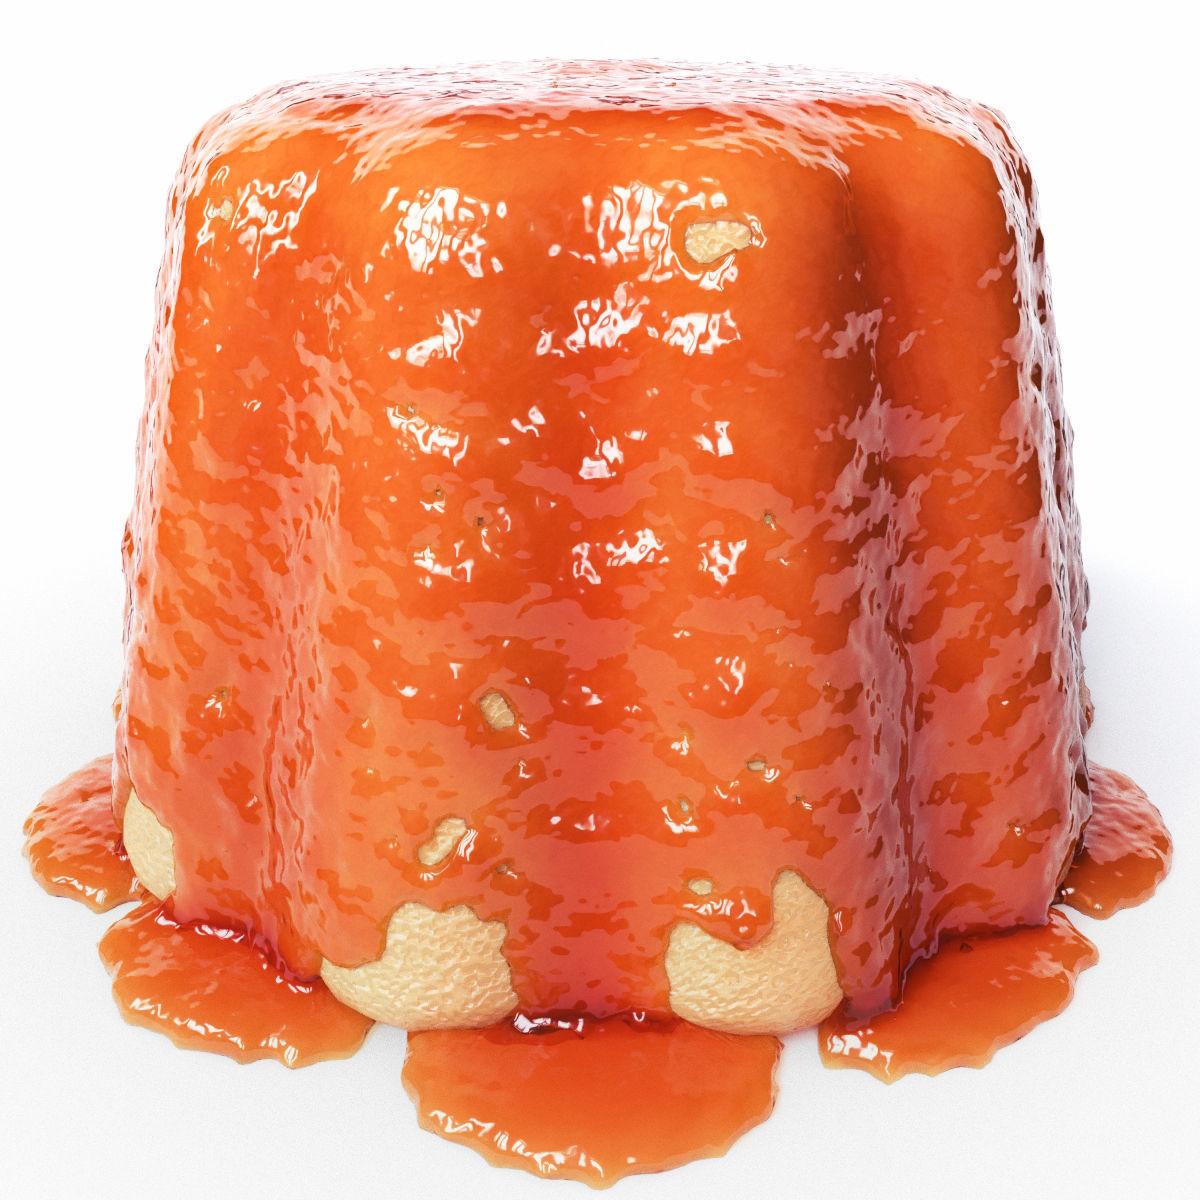 Cake in Jam 4